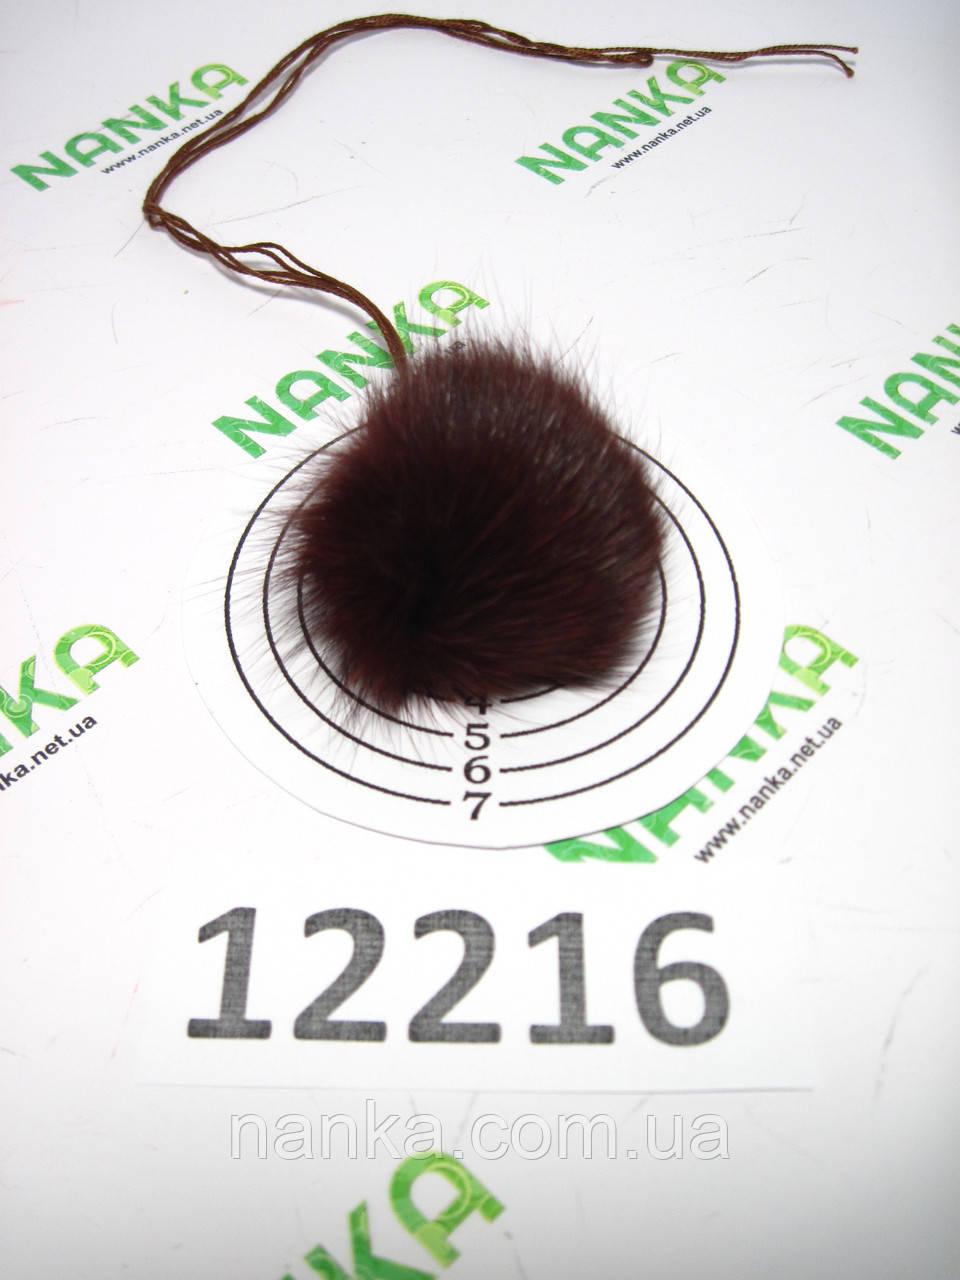 Меховой помпон Песец, Бордо, 4 см, 12216